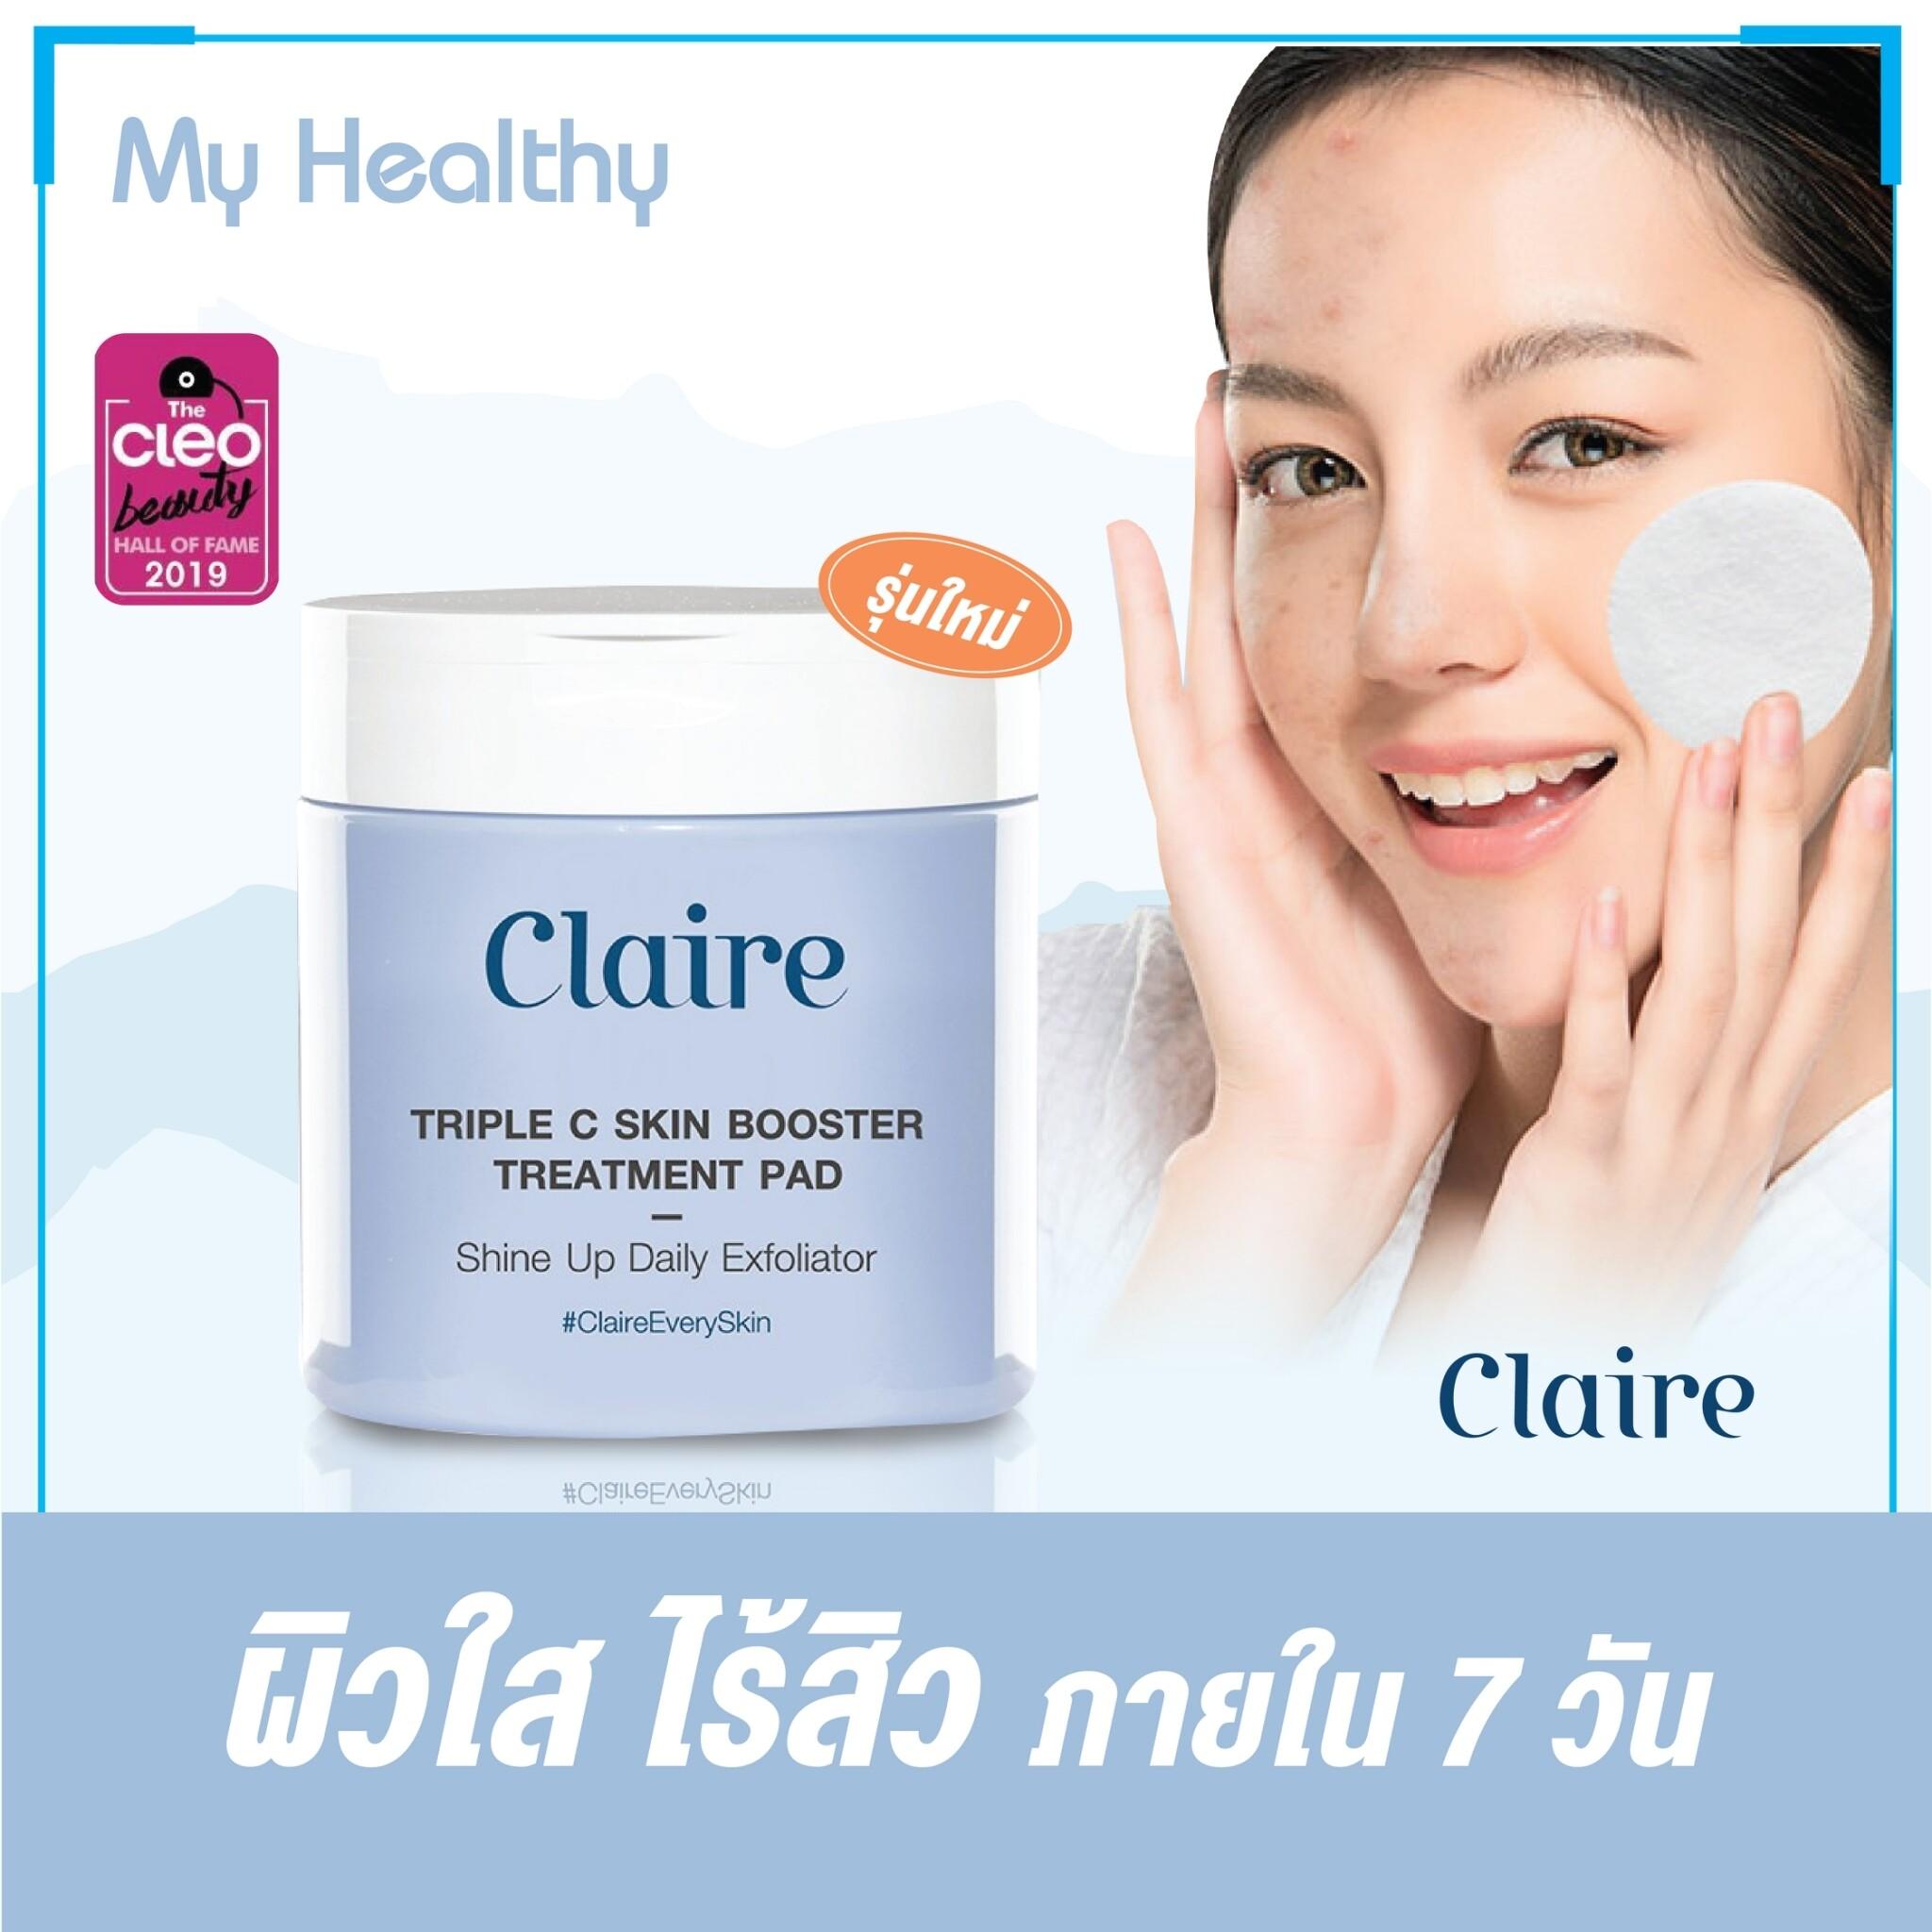 [แบบกระปุก] รุ่นใหม่ สำลี 2 ด้าน Claire Triple C Skin Booster Treatment Pad แคลร์ ซีรั่มแผ่น [60 แผ่น ] ขนาด 120 มล. ผิวเรียบเนียน นุ่ม ชุ่มชื่น.